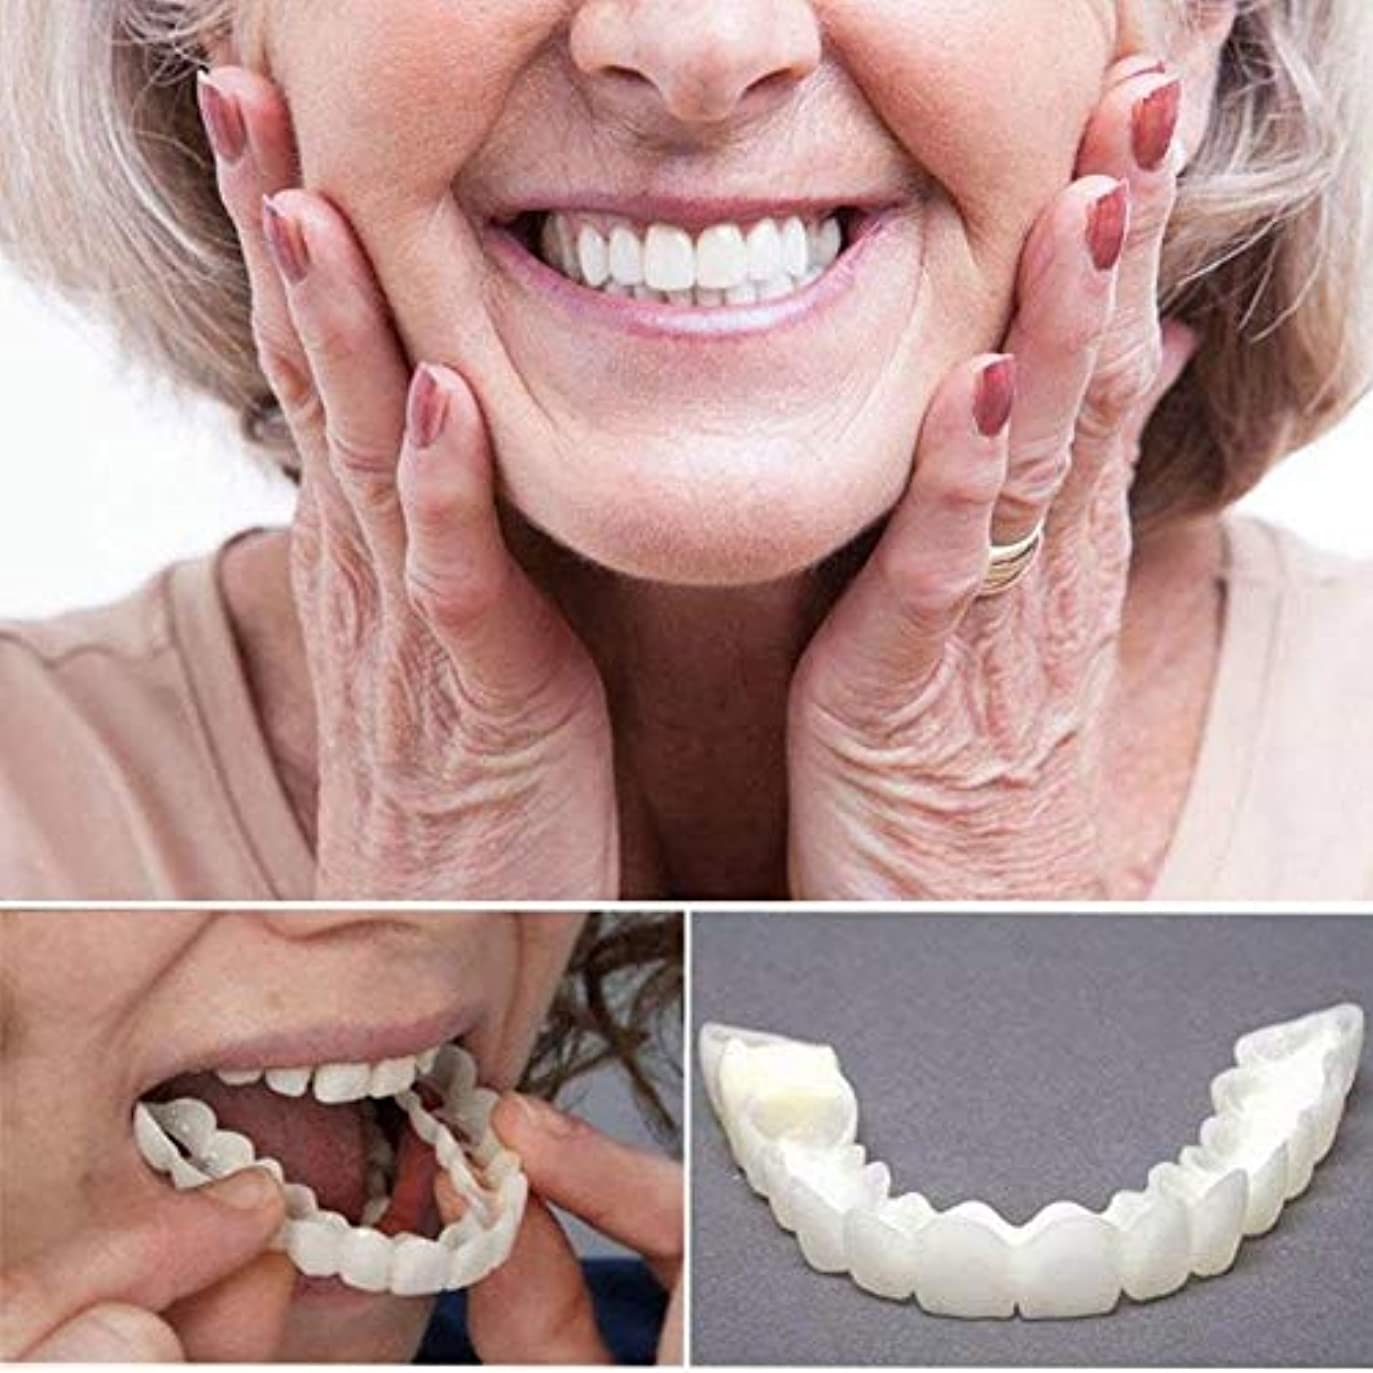 レオナルドダメロディー上がる5セット、白い歯をきれいにするコンフォートフィットフレックス歯ソケット、化粧用歯、超快適、快適フィット